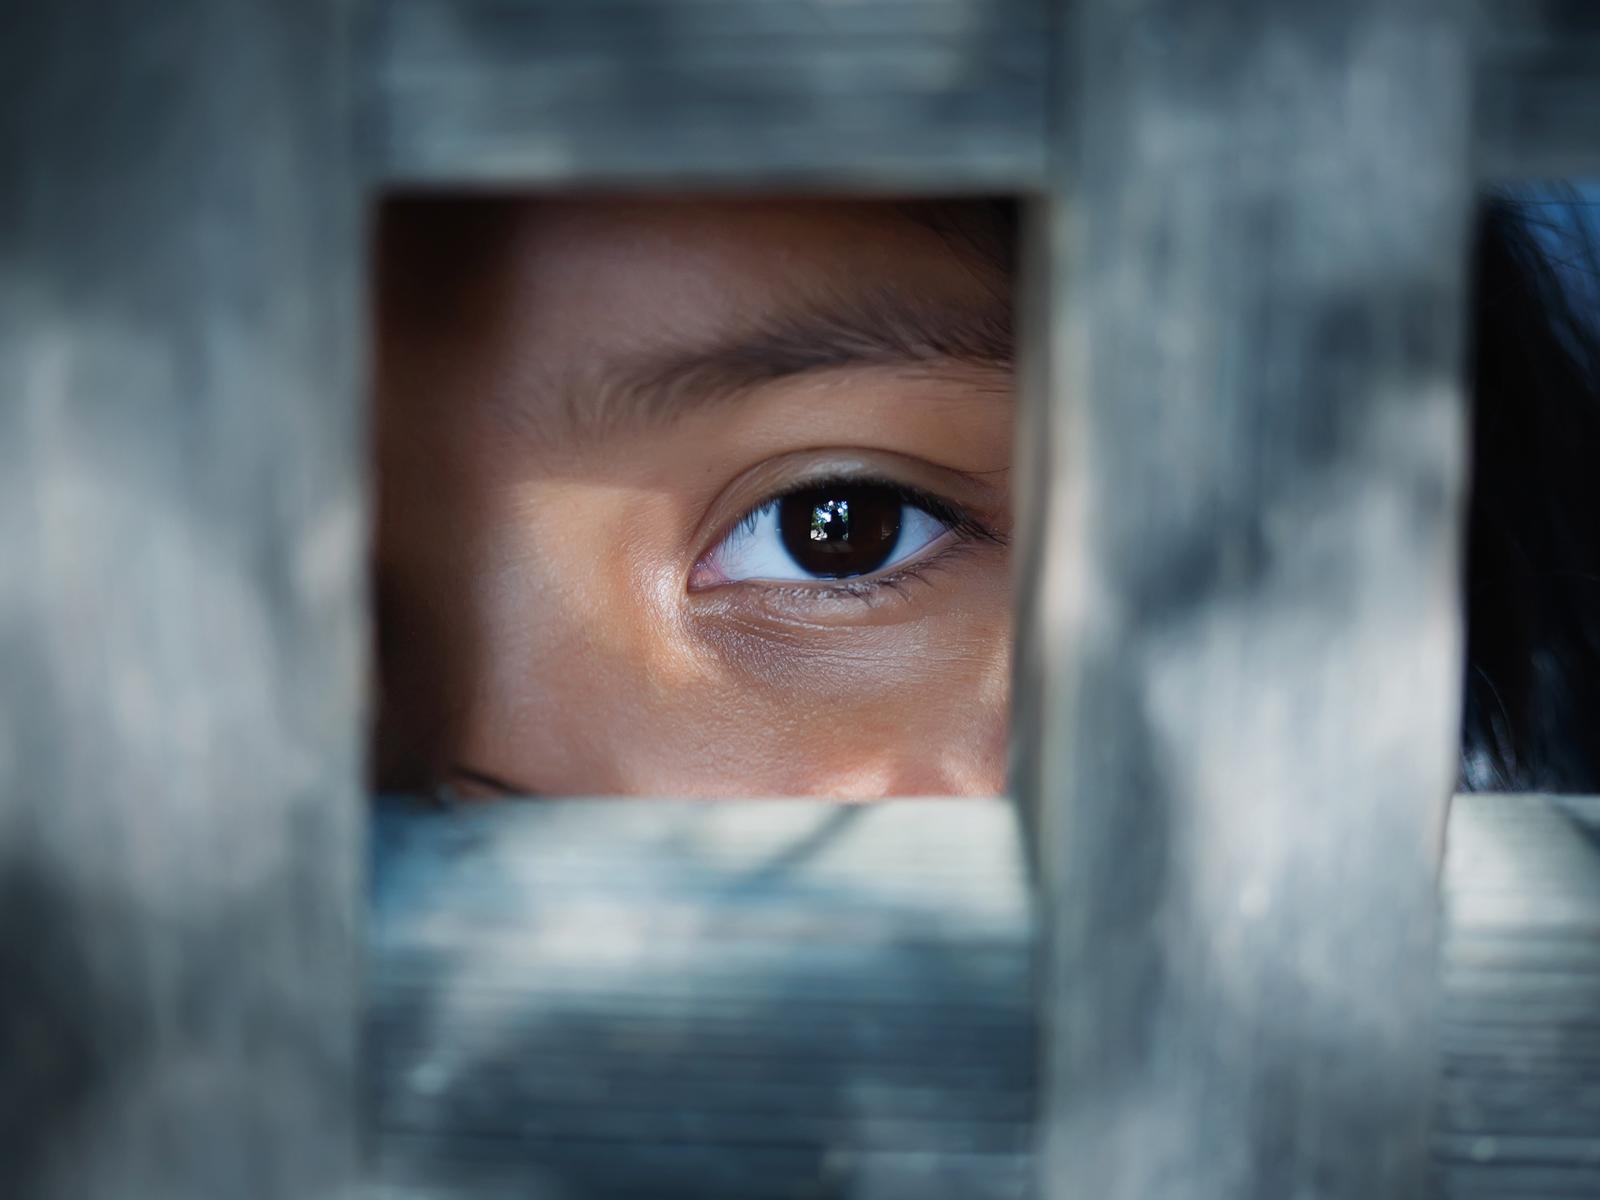 Como podemos agir diante das injustiças?